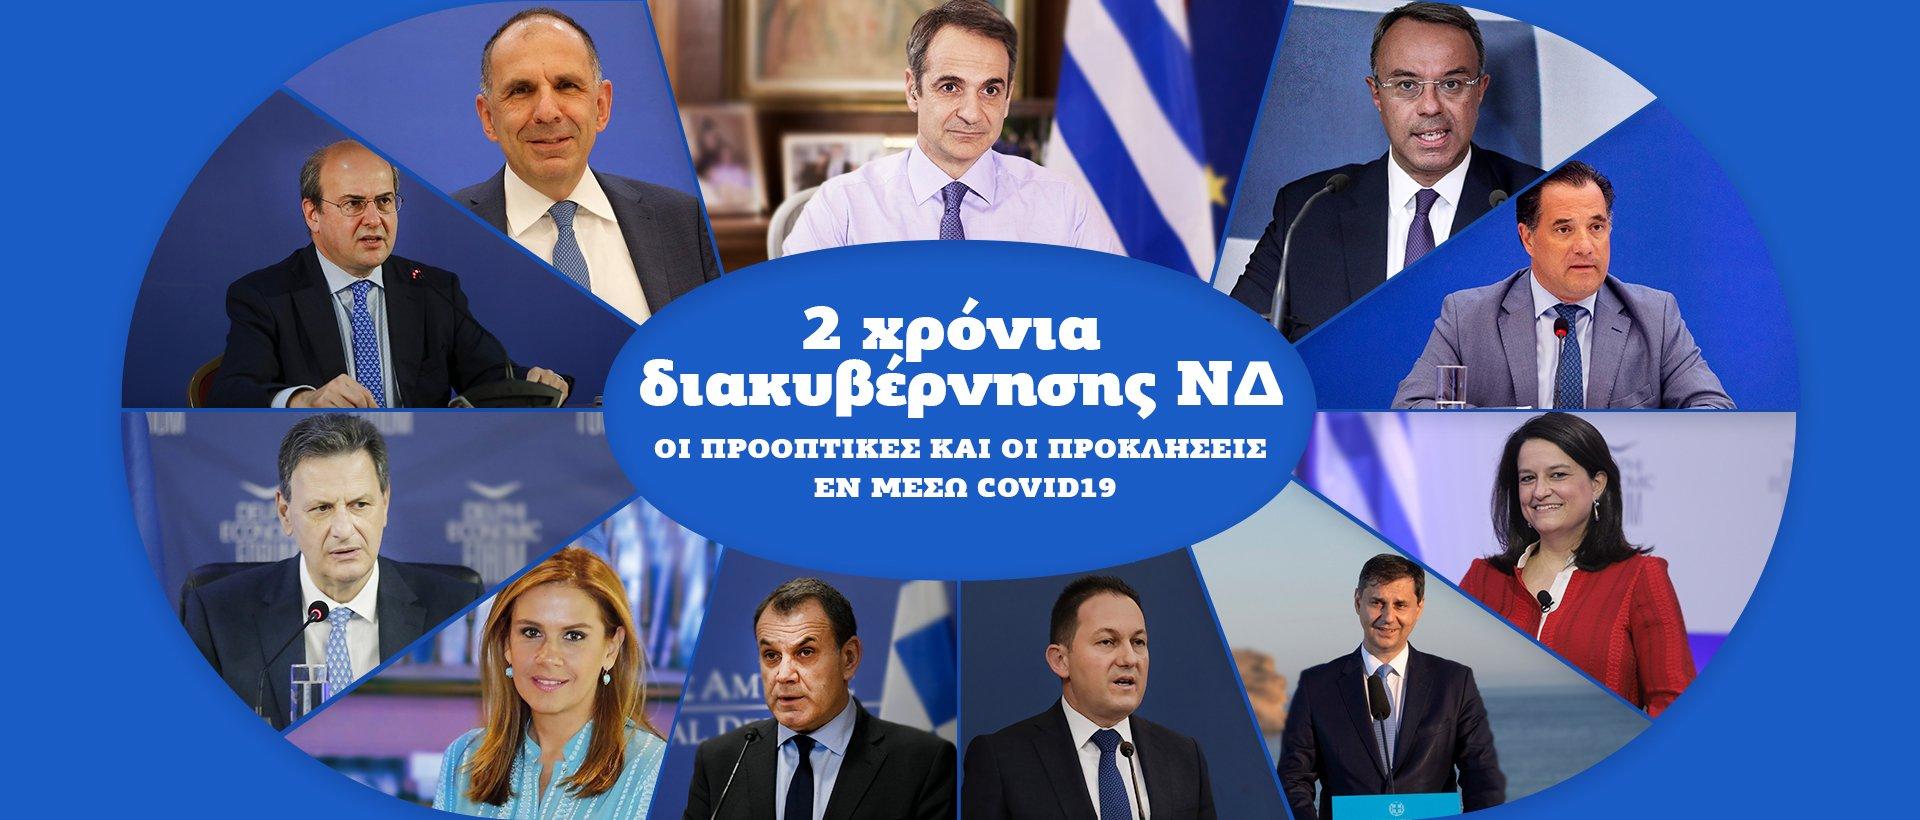 2 χρόνια διακυβέρνησης ΝΔ